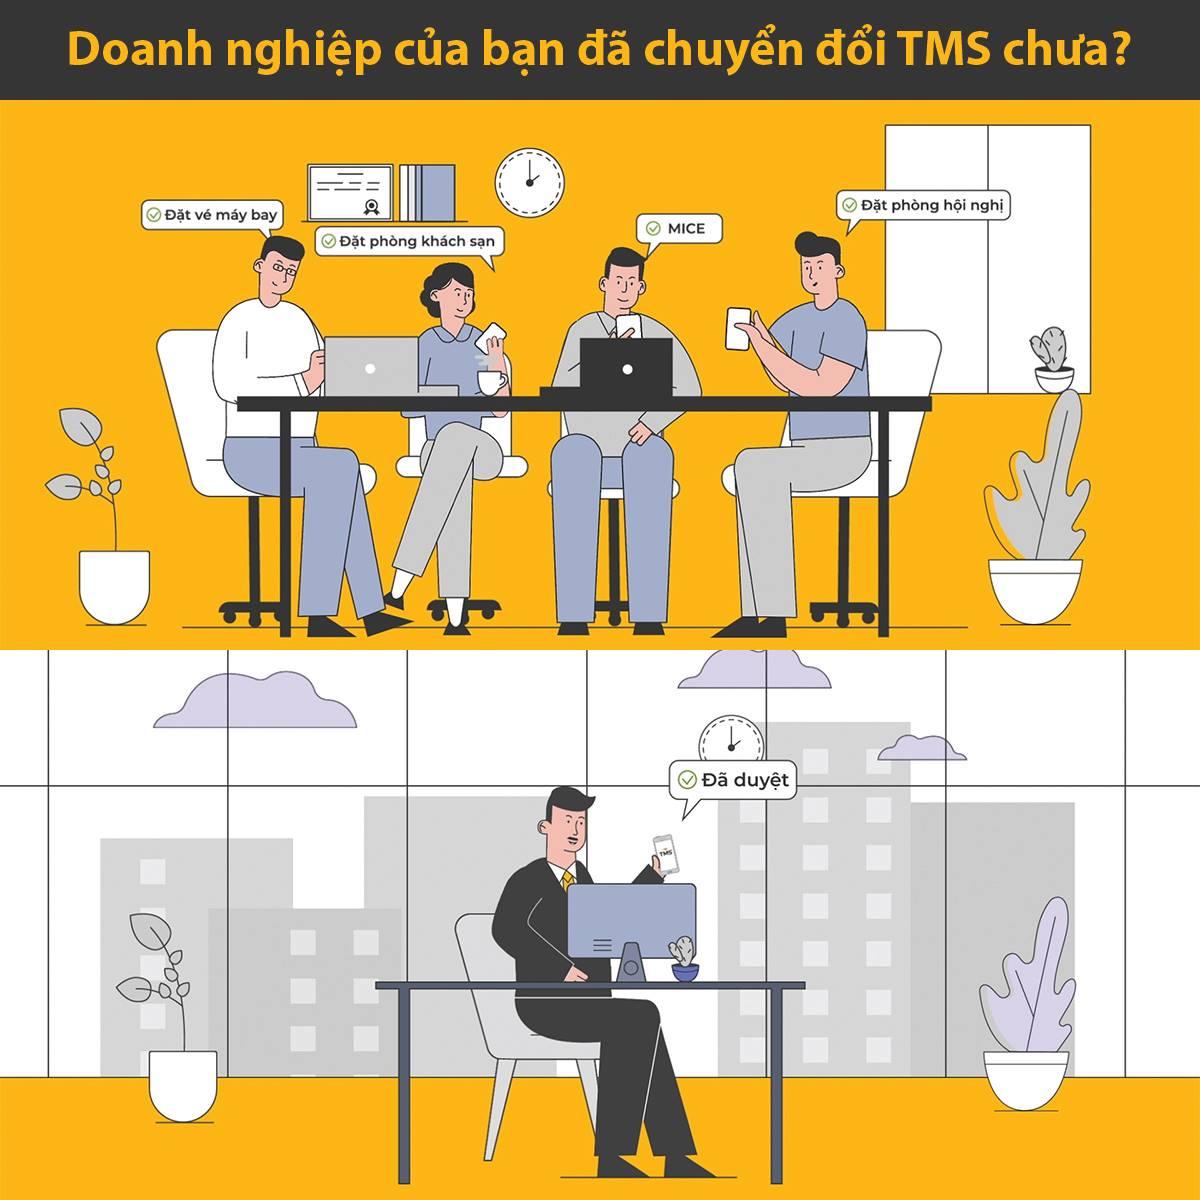 TMS giúp doanh nghiệp làm tốt công tác quản lý